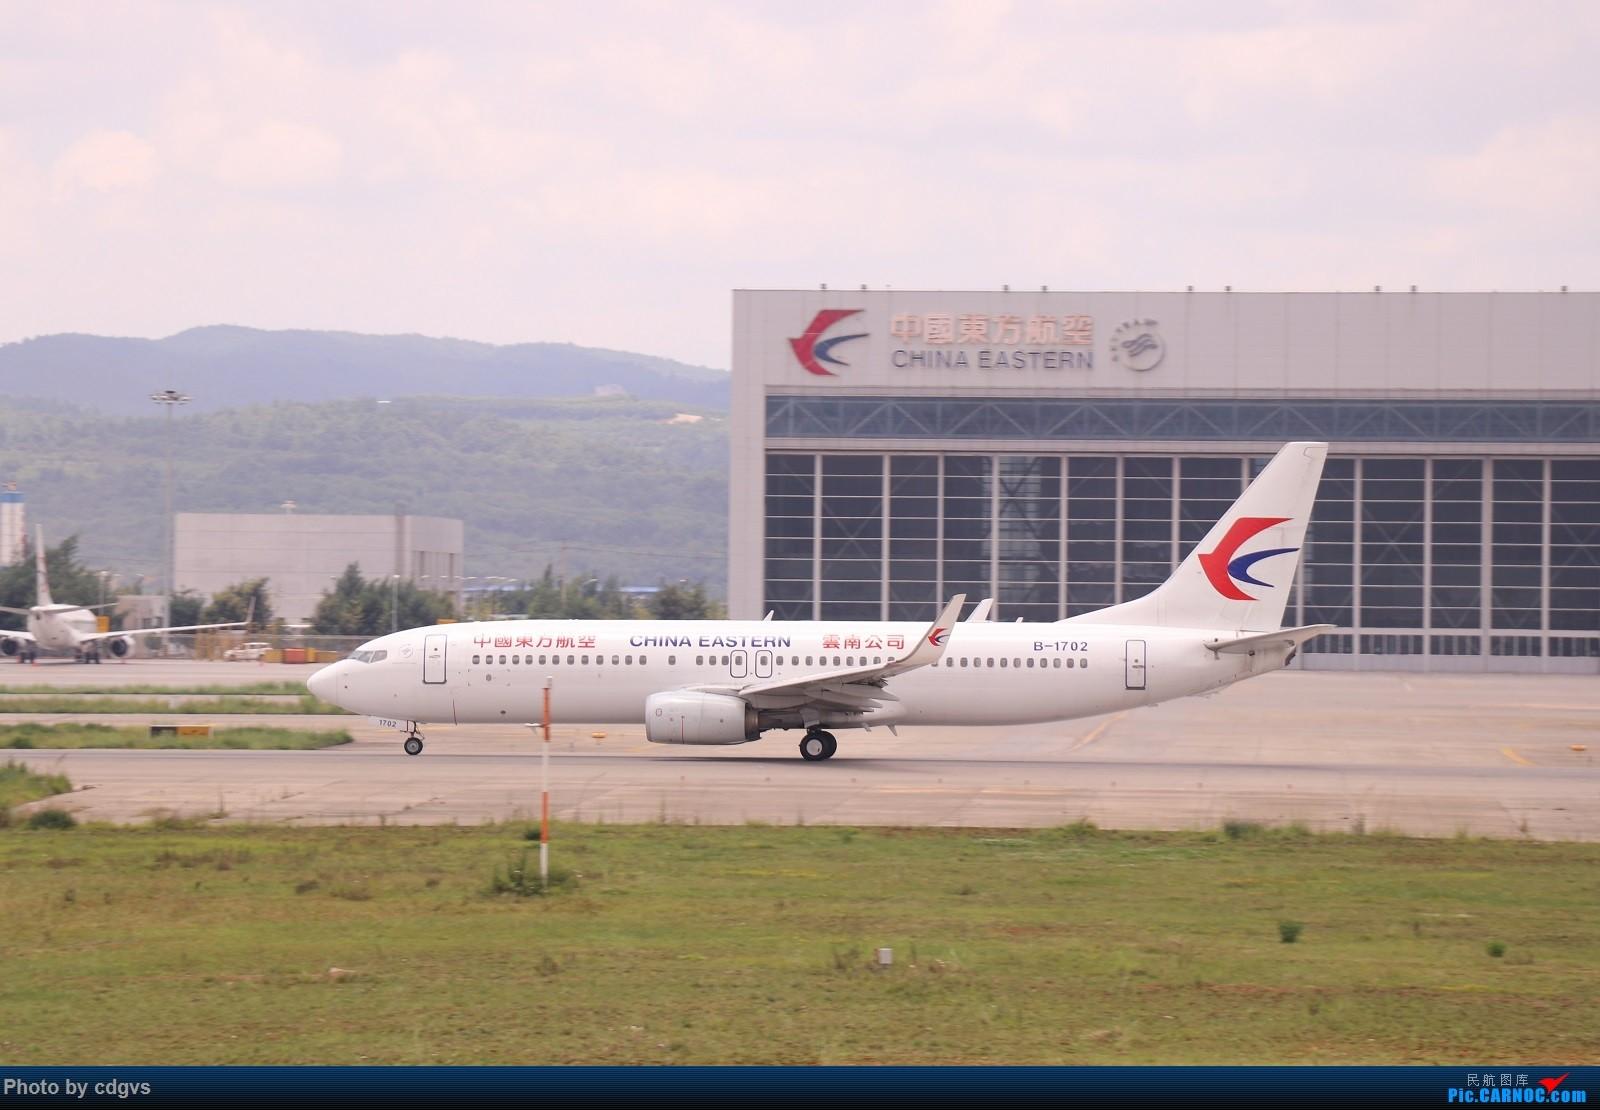 Re:[原创]【KMG】昆明的一天 1600大图 一次看个爽 BOEING 737-800 B-1702 中国昆明长水国际机场